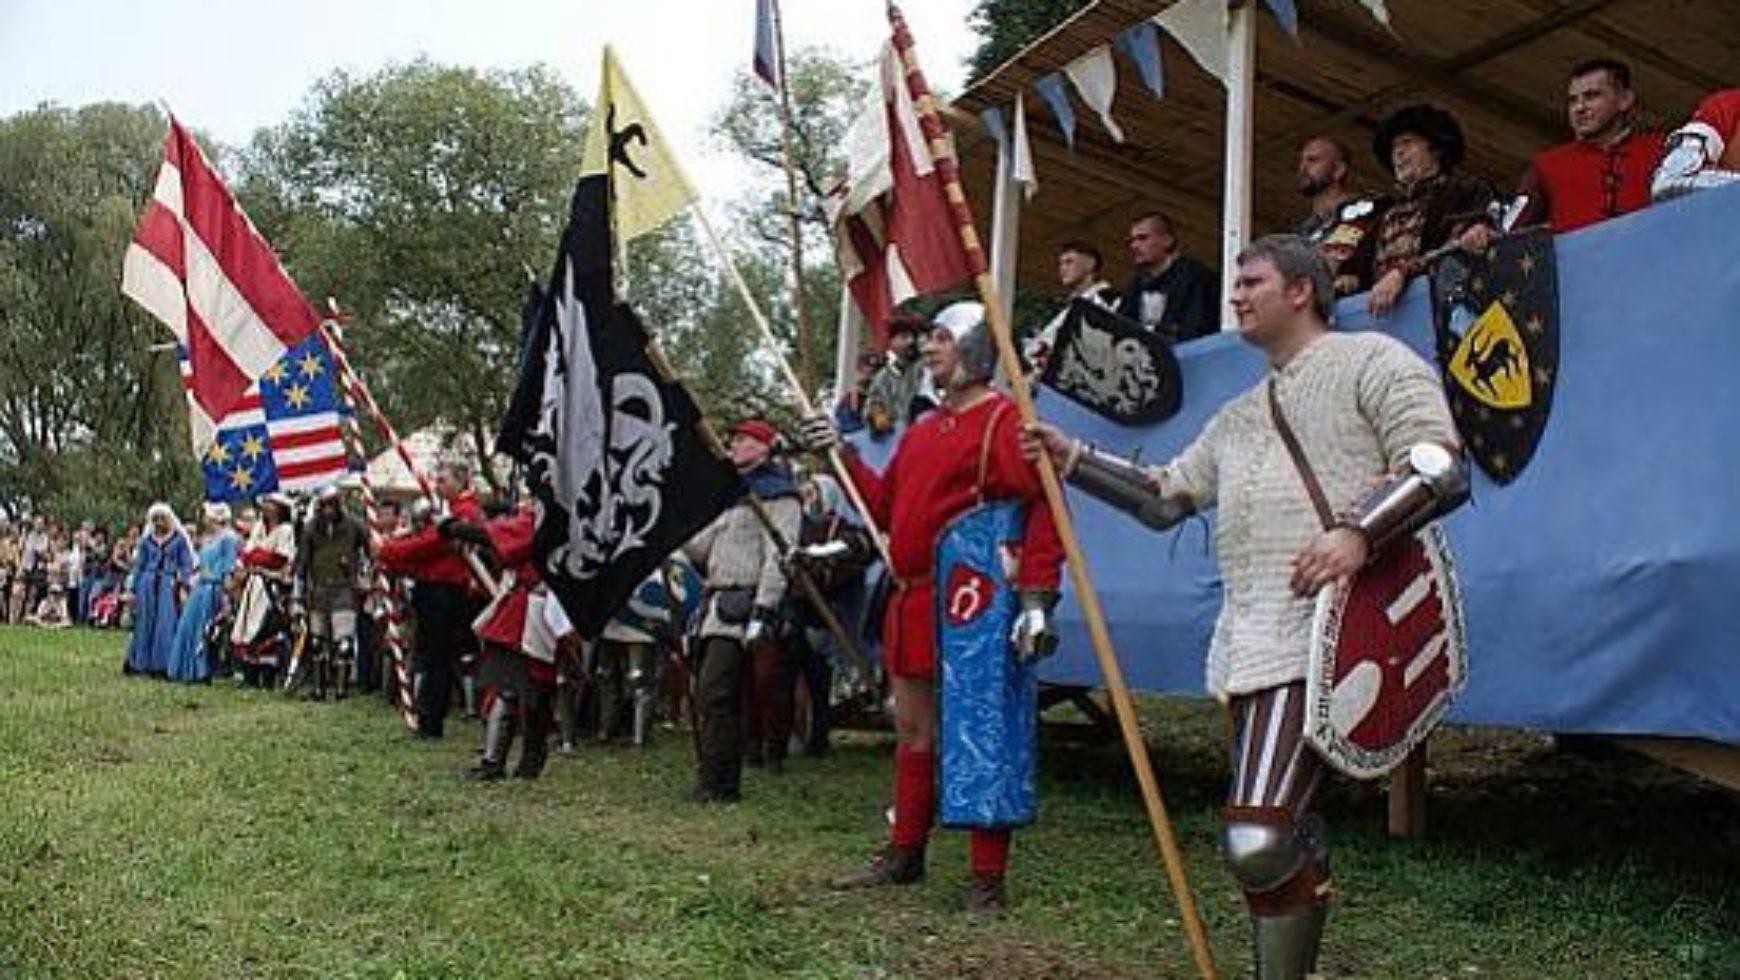 Jarmark Średniowieczny w Chudowie inspiracją do zamkowych integracji